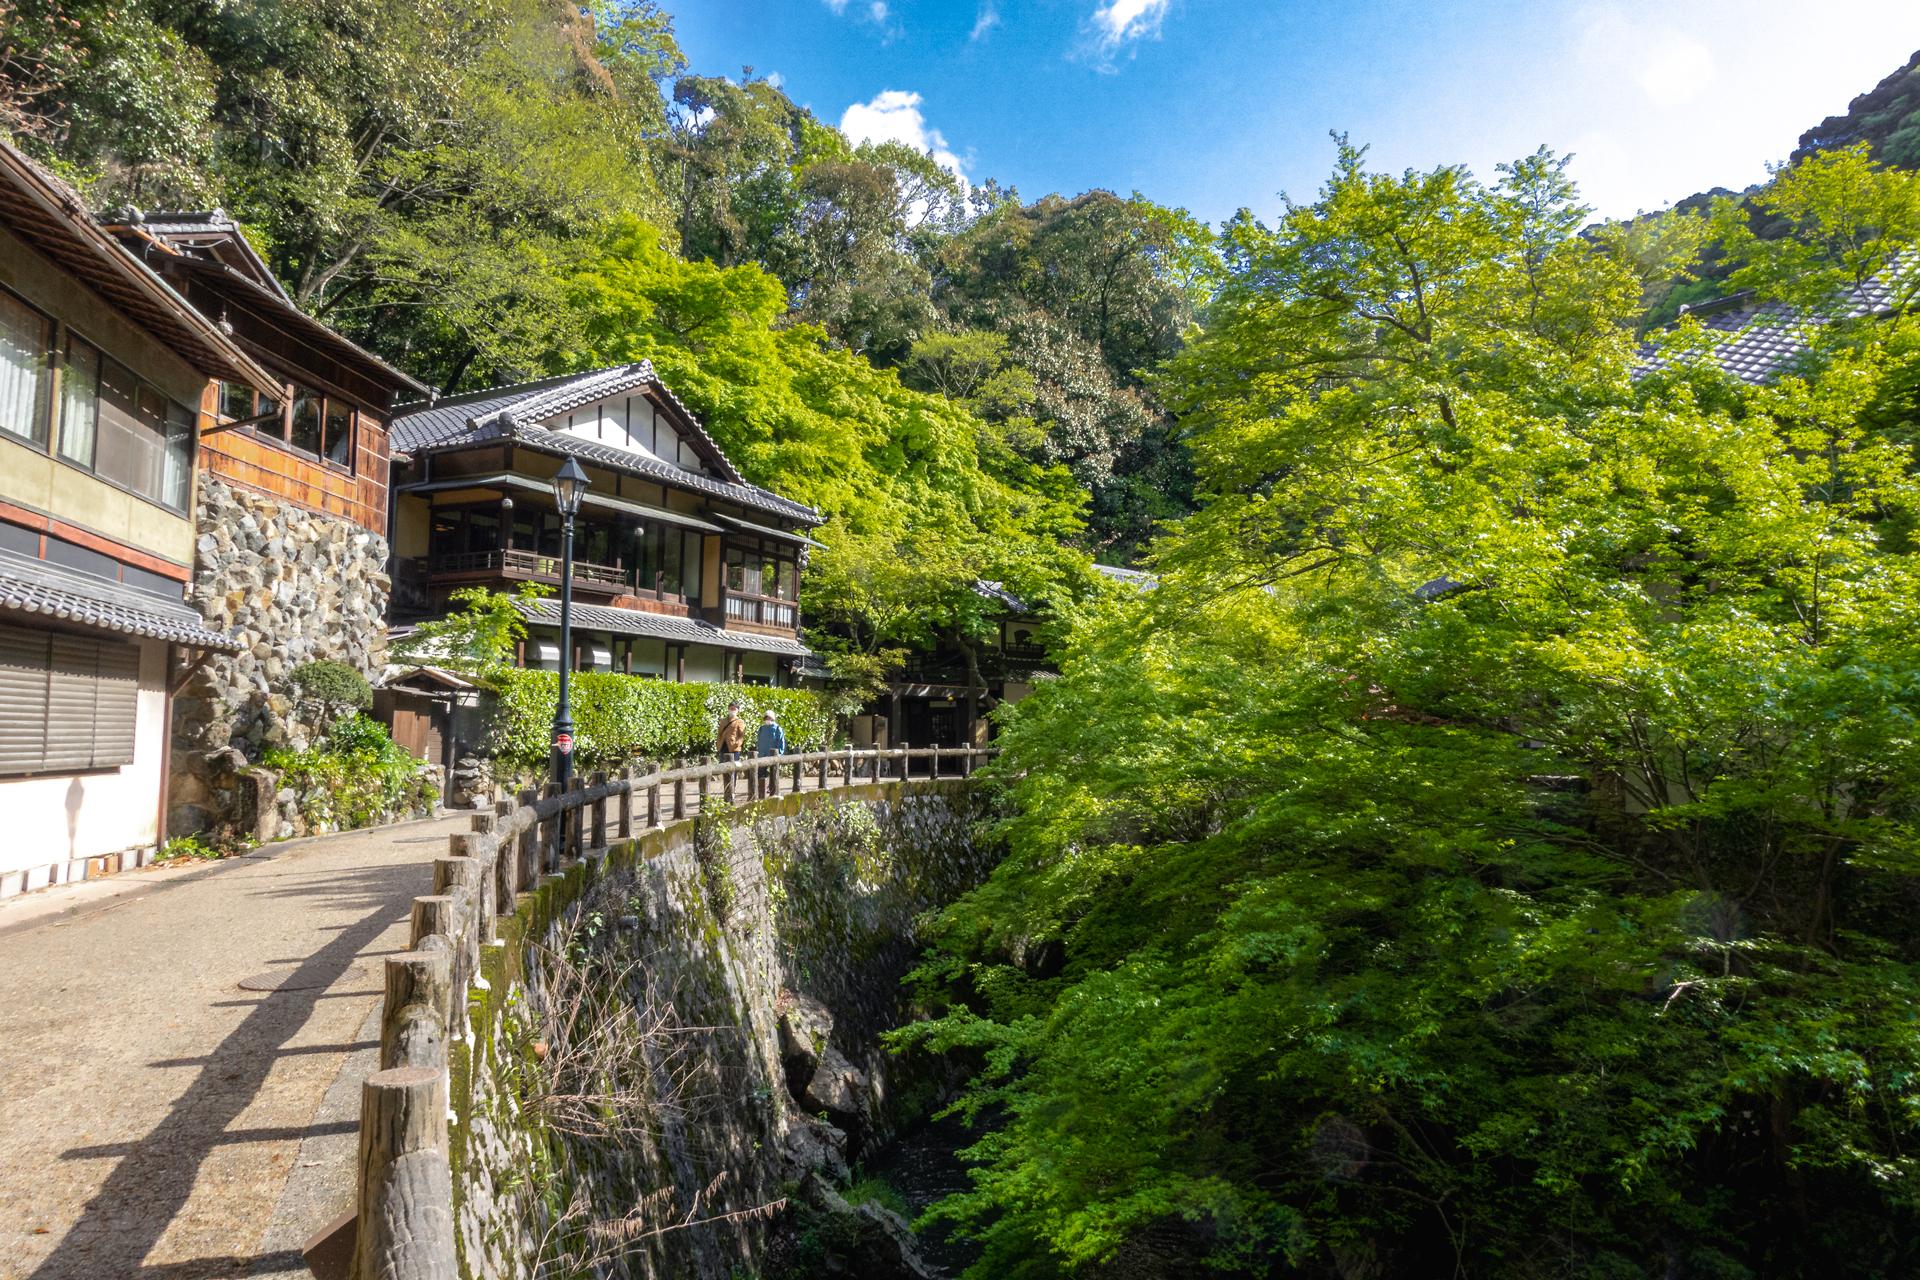 DSC05756 大阪府 箕面大滝(日本の滝百選に選定された新緑に染まる絶景の滝スポット! 写真の紹介、アクセス情報など)